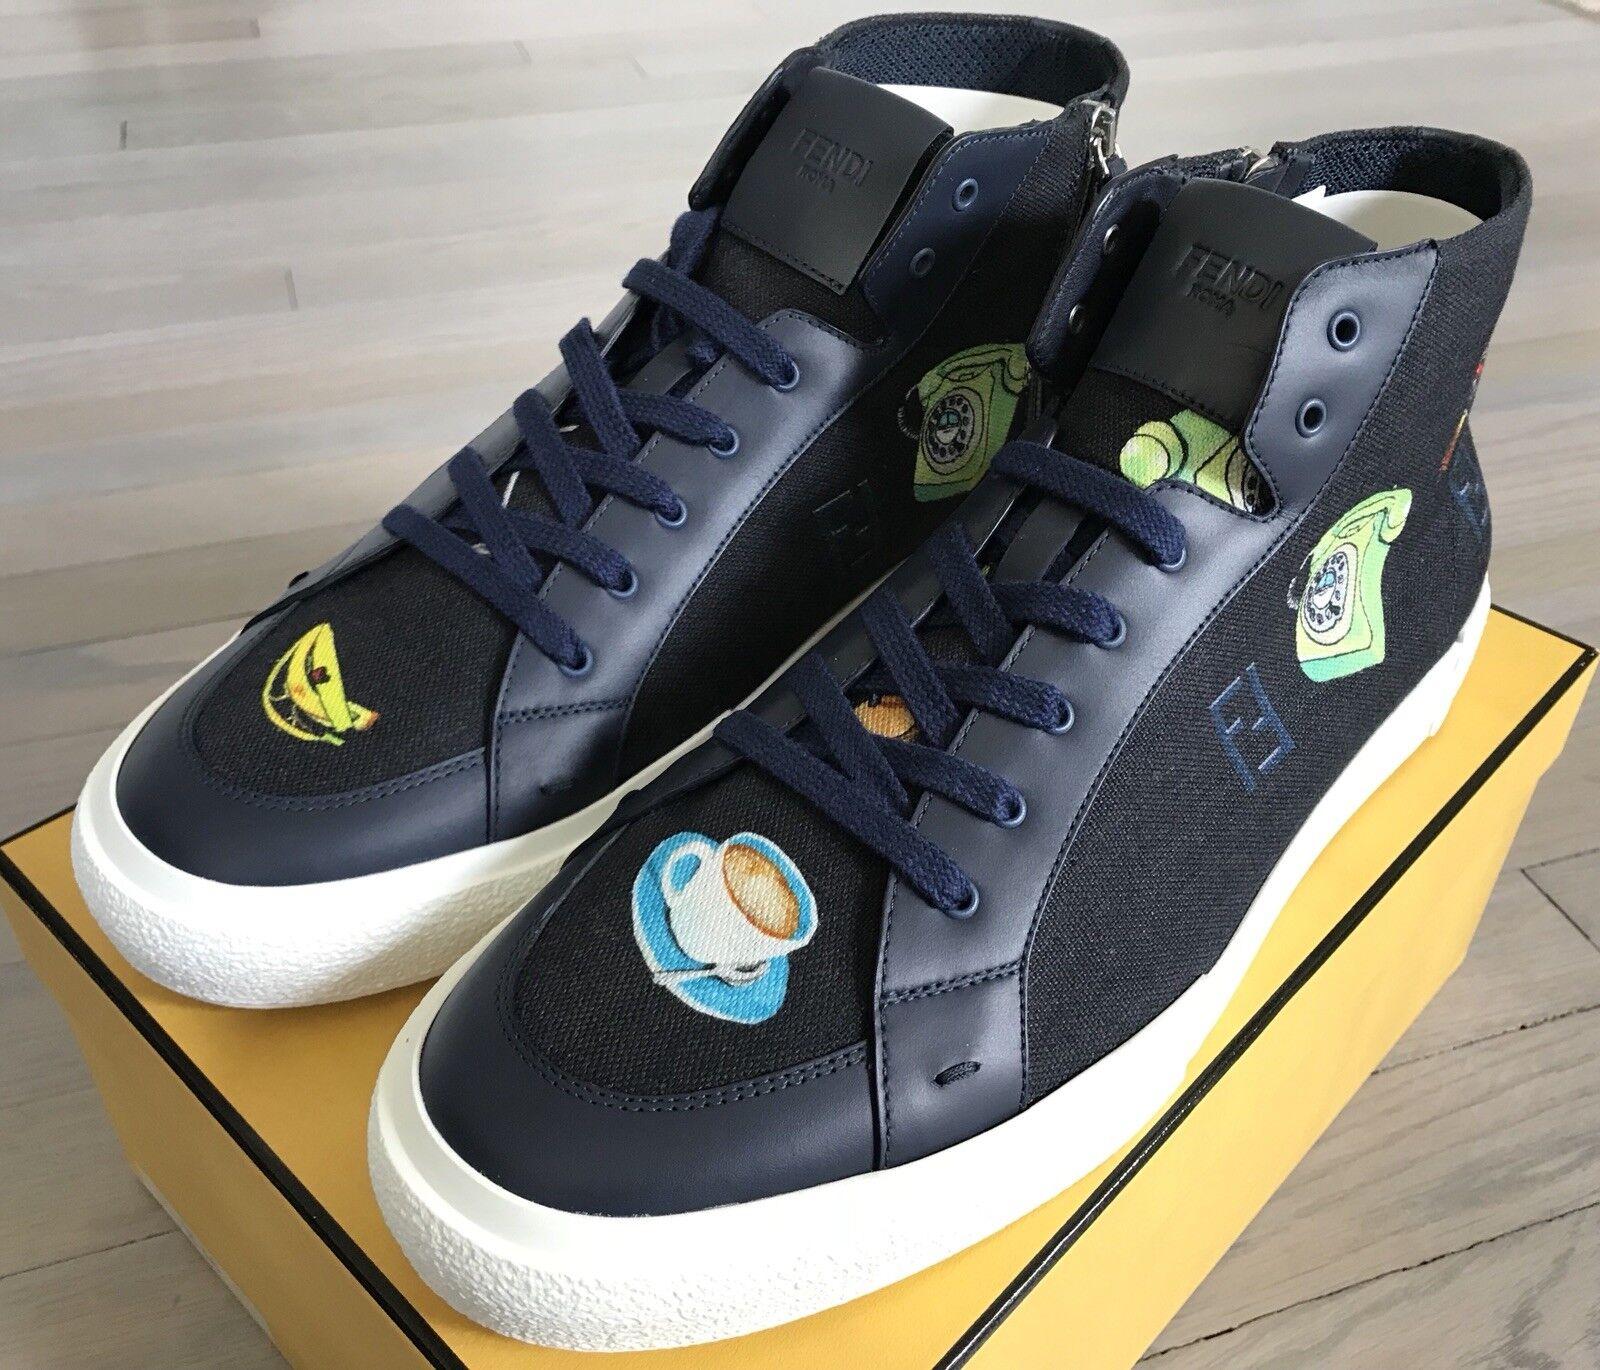 Edición limitada de 1,000  Fendi alta Tops Zapatillas de EE. UU. hecho en Italia